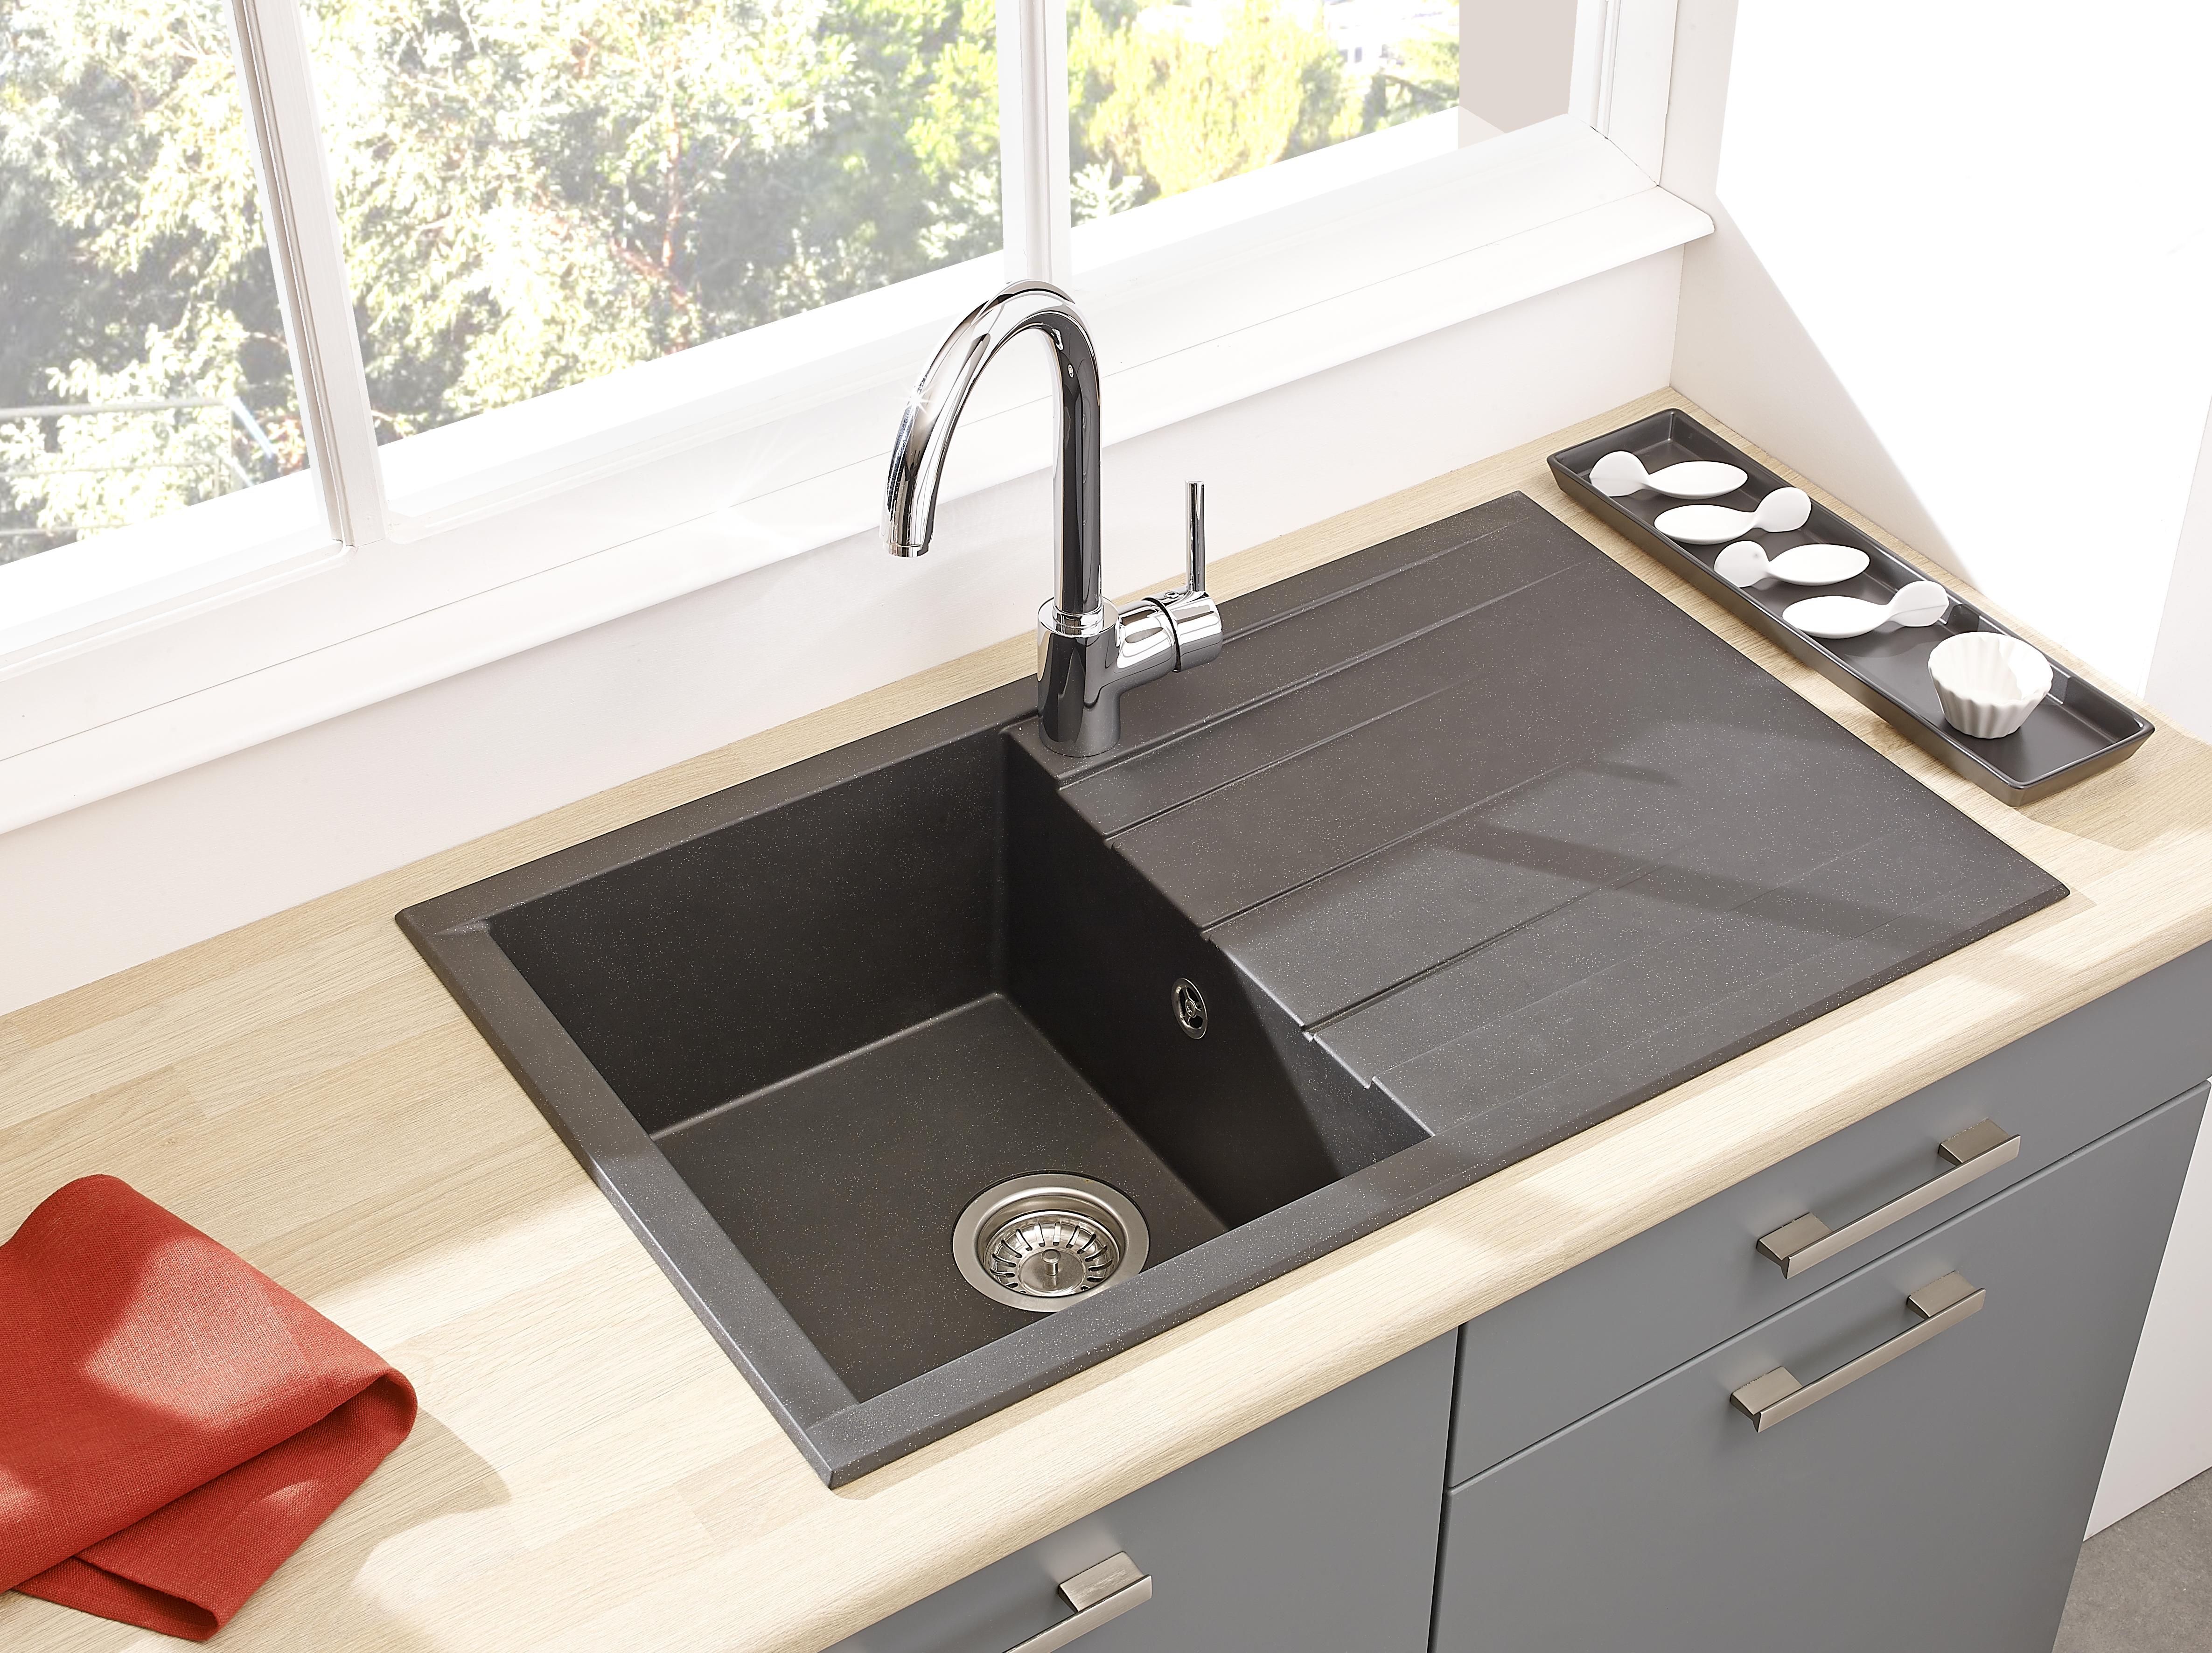 Dettagli su Lavello Cucina Installazione Filo Lavandino Granito Mineralite  80x50 Nero